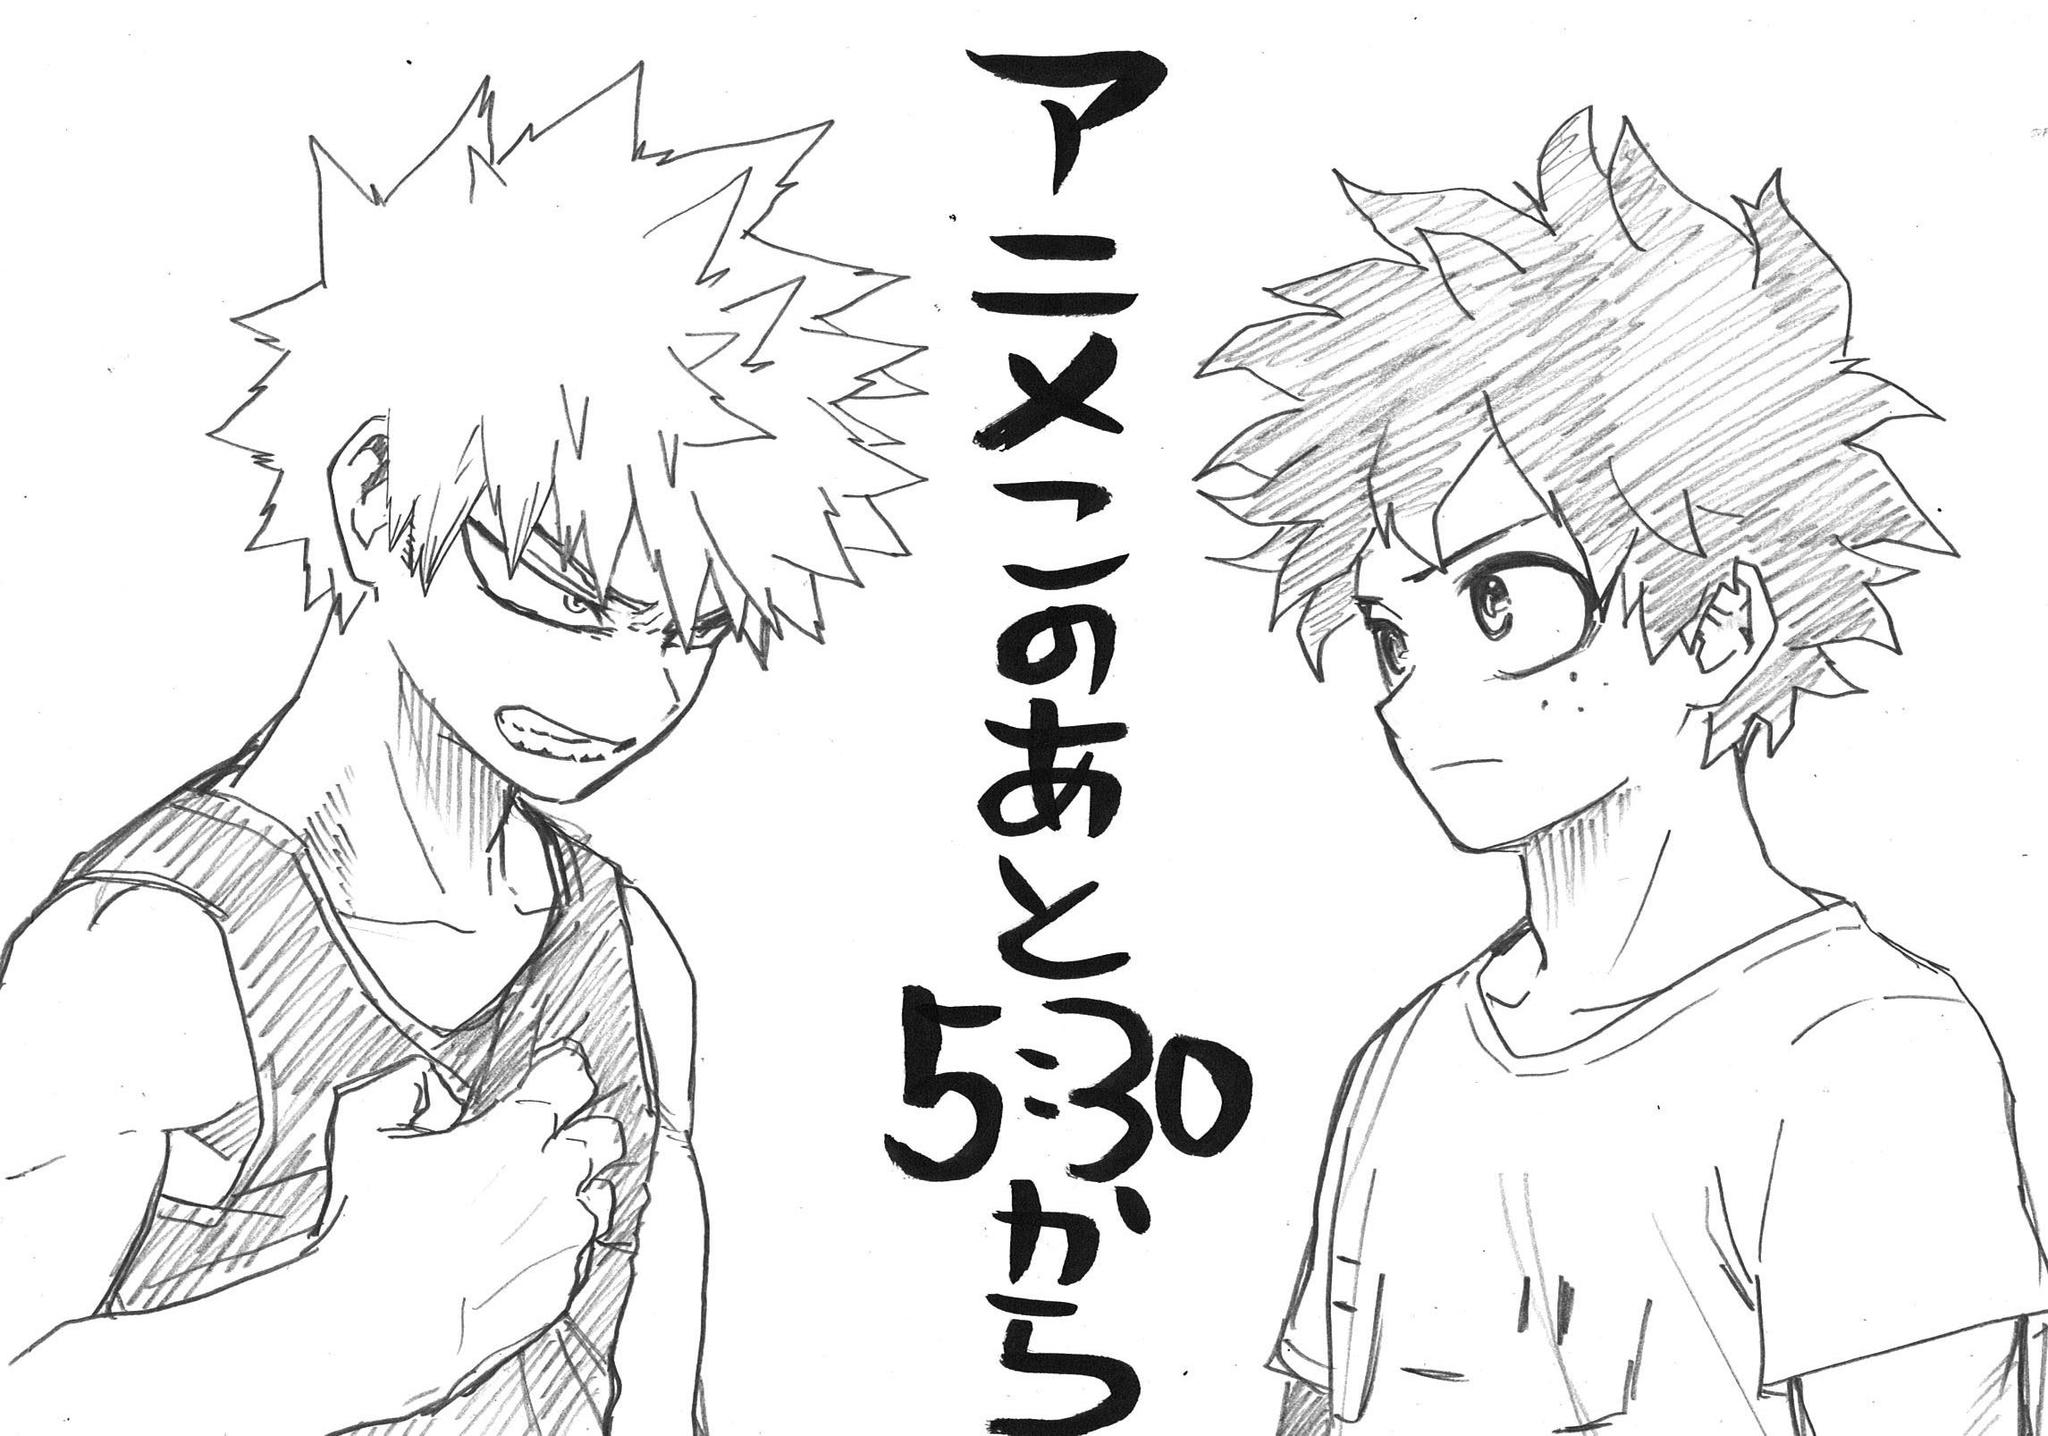 Episode 60 Sketch